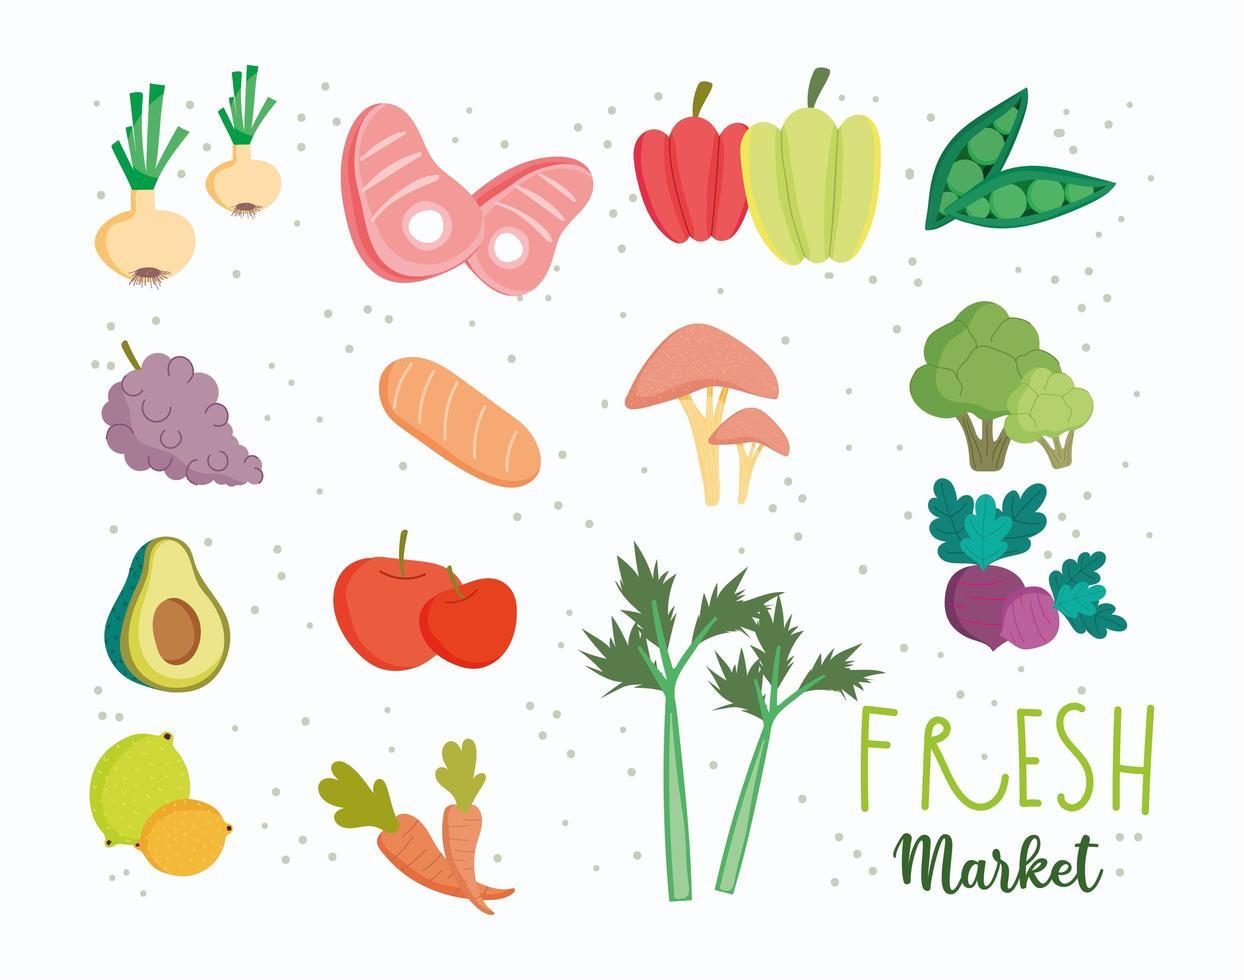 gesunde frische Lebensmittel Gemüse und Obst eingestellt vektor